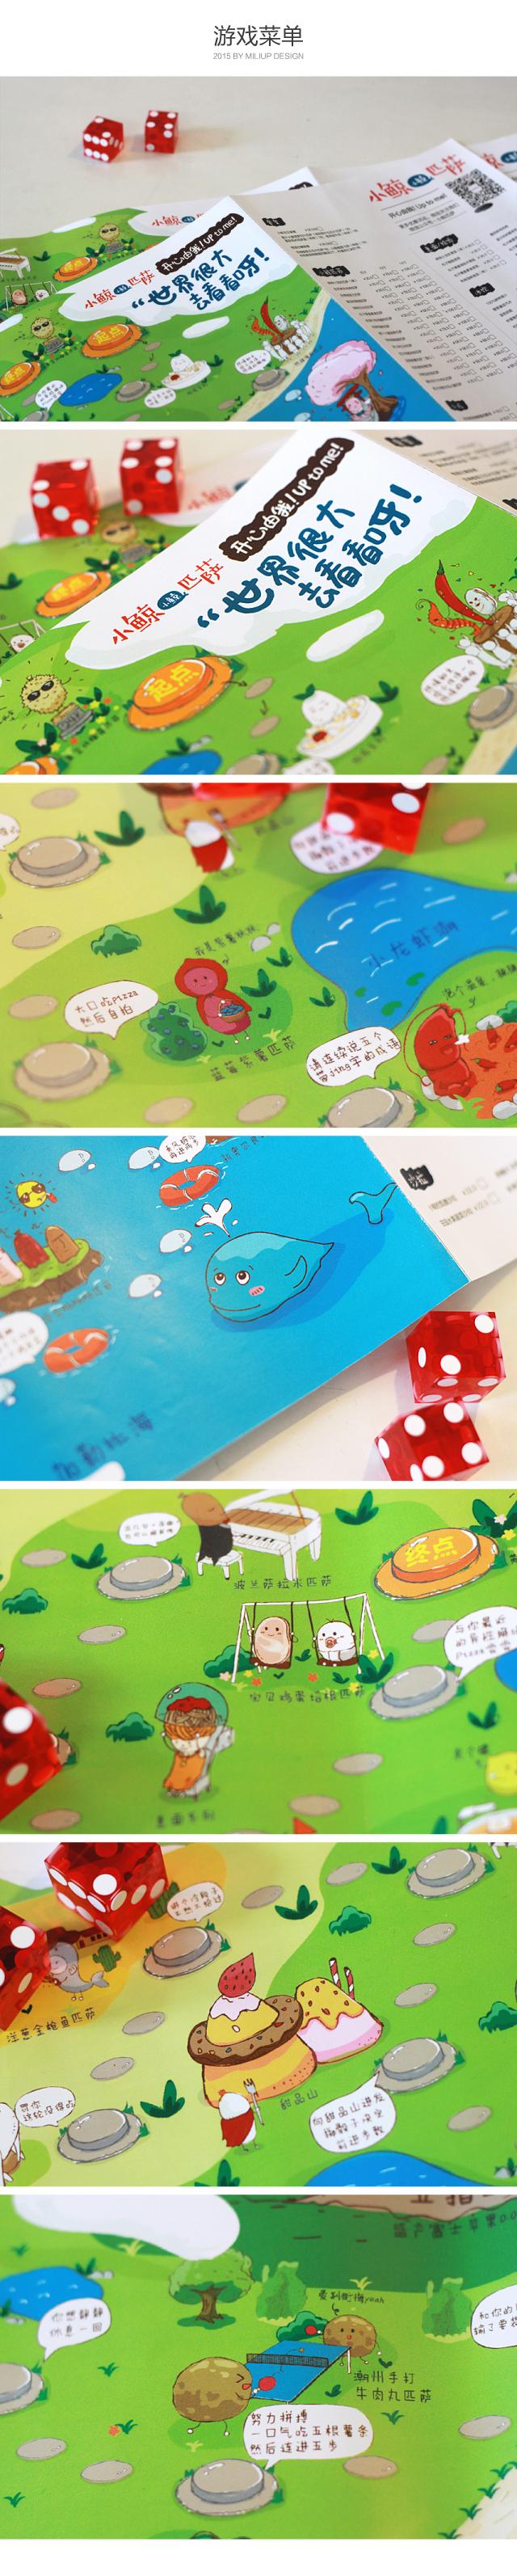 菜谱设计丨小鲸匹萨——创意手绘游戏点菜单设计